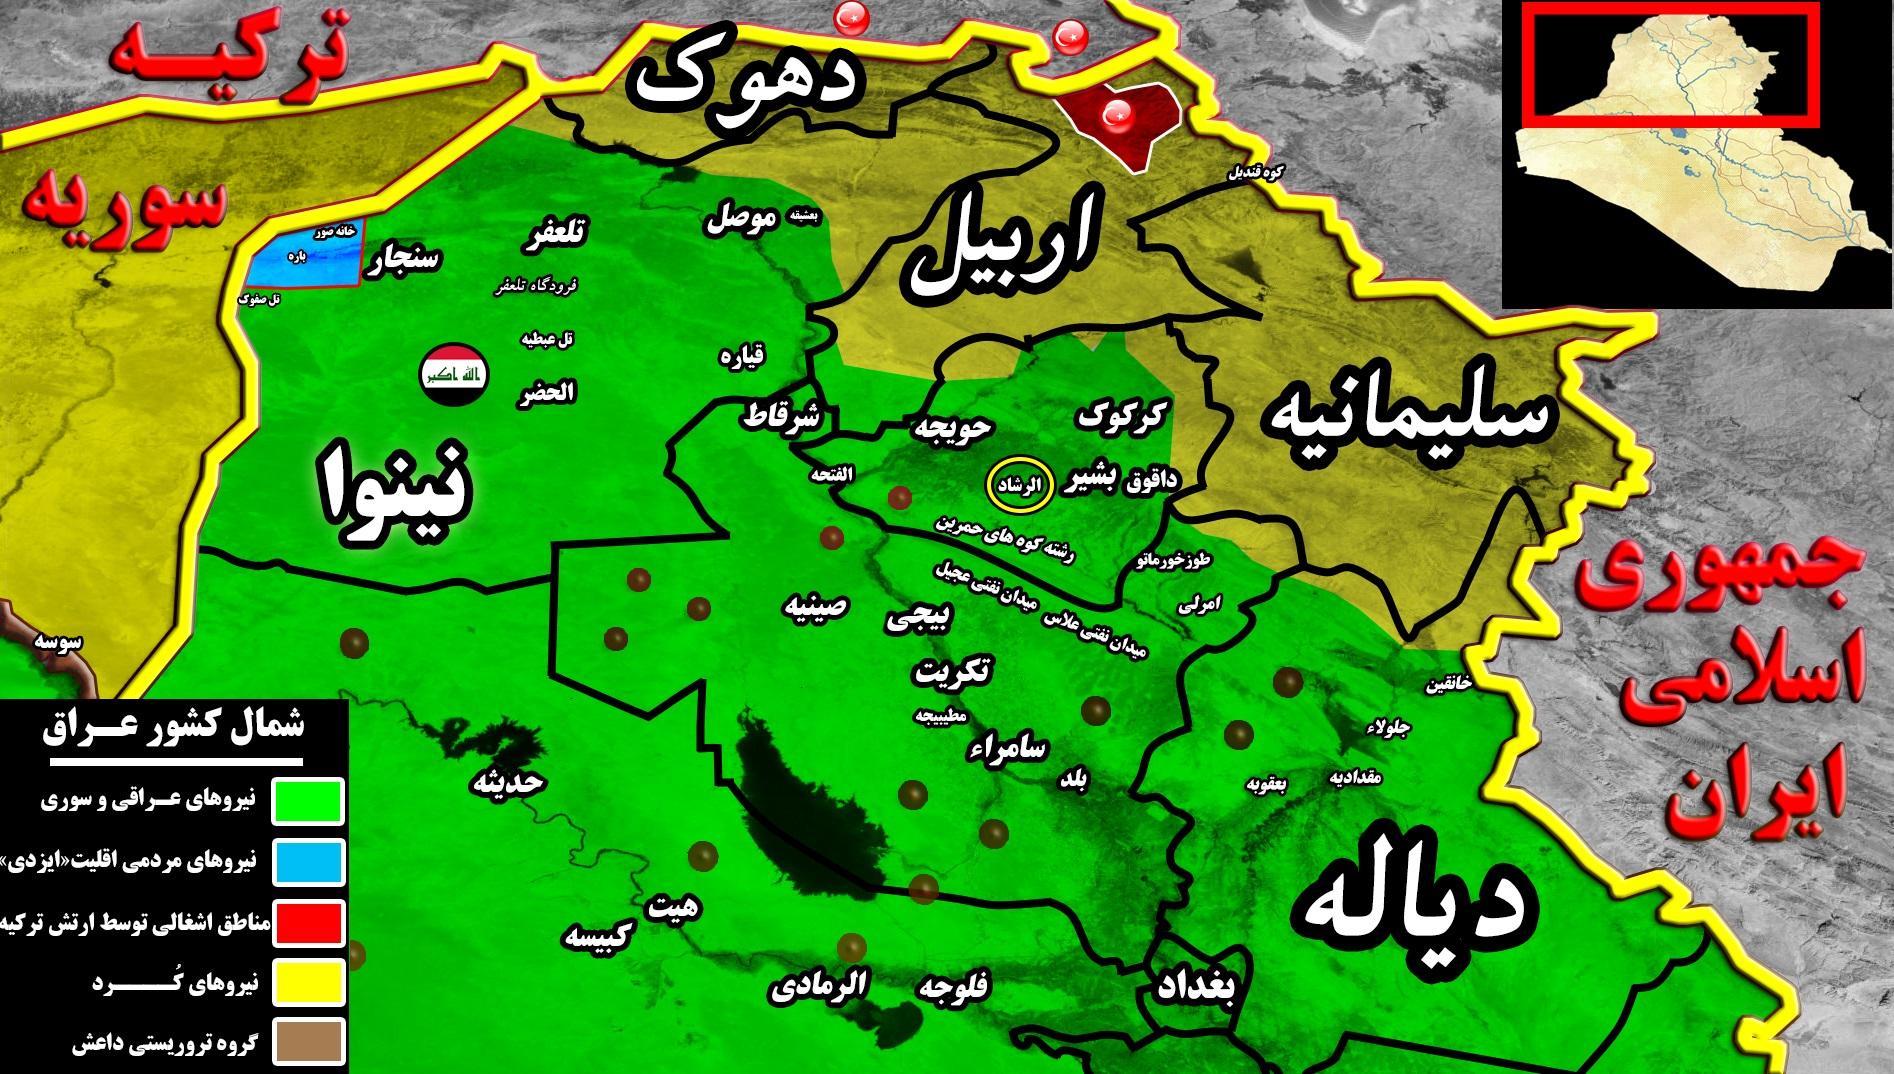 کمین داعش برای نیروهای عراقی /حشد الشعبی و ارتش چگونه انتقام حمله تروریستها را گرفتند؟ +تصاویر